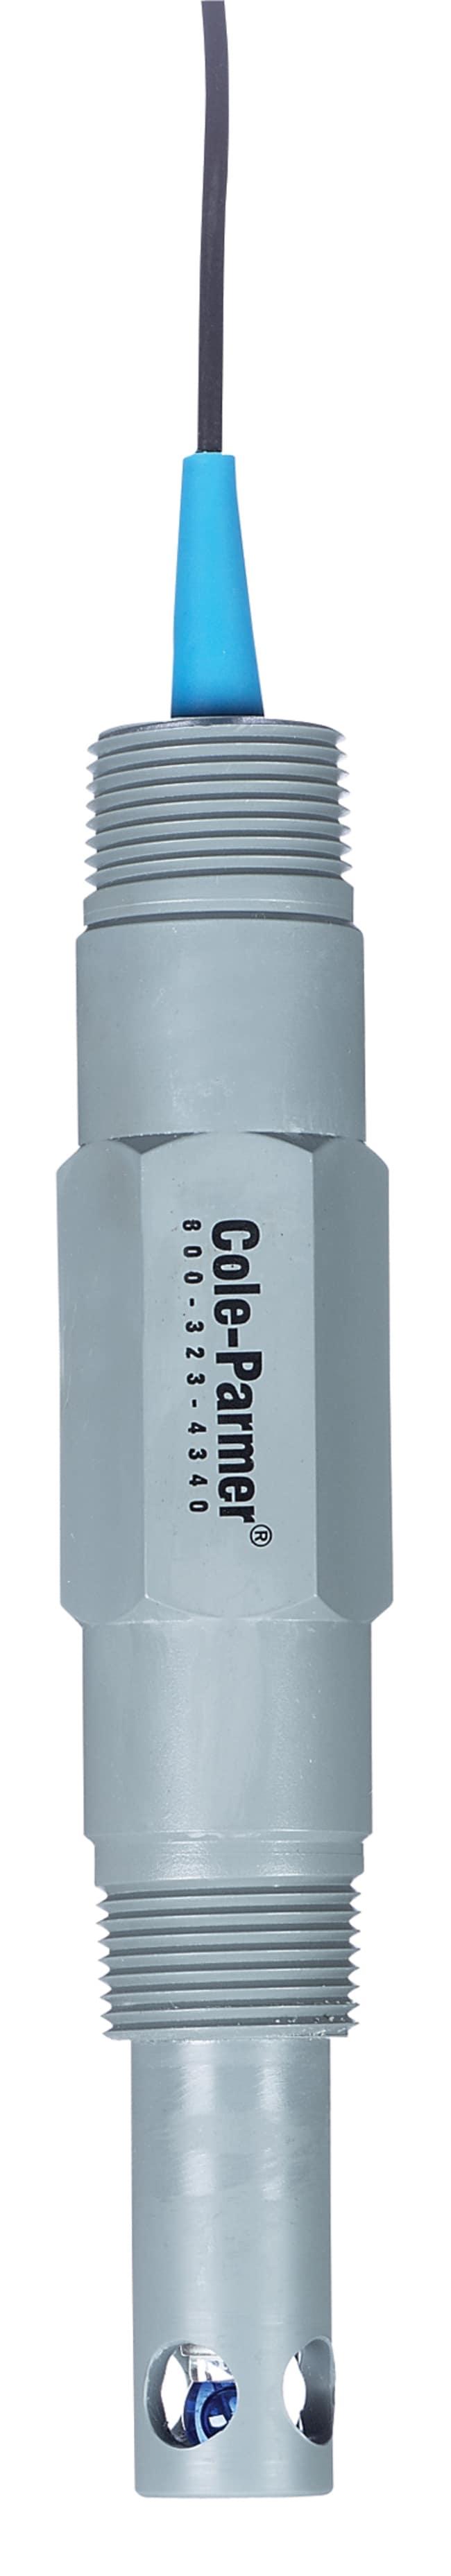 Cole-ParmerCole-Parmer pH sensor; single-junction, BNC